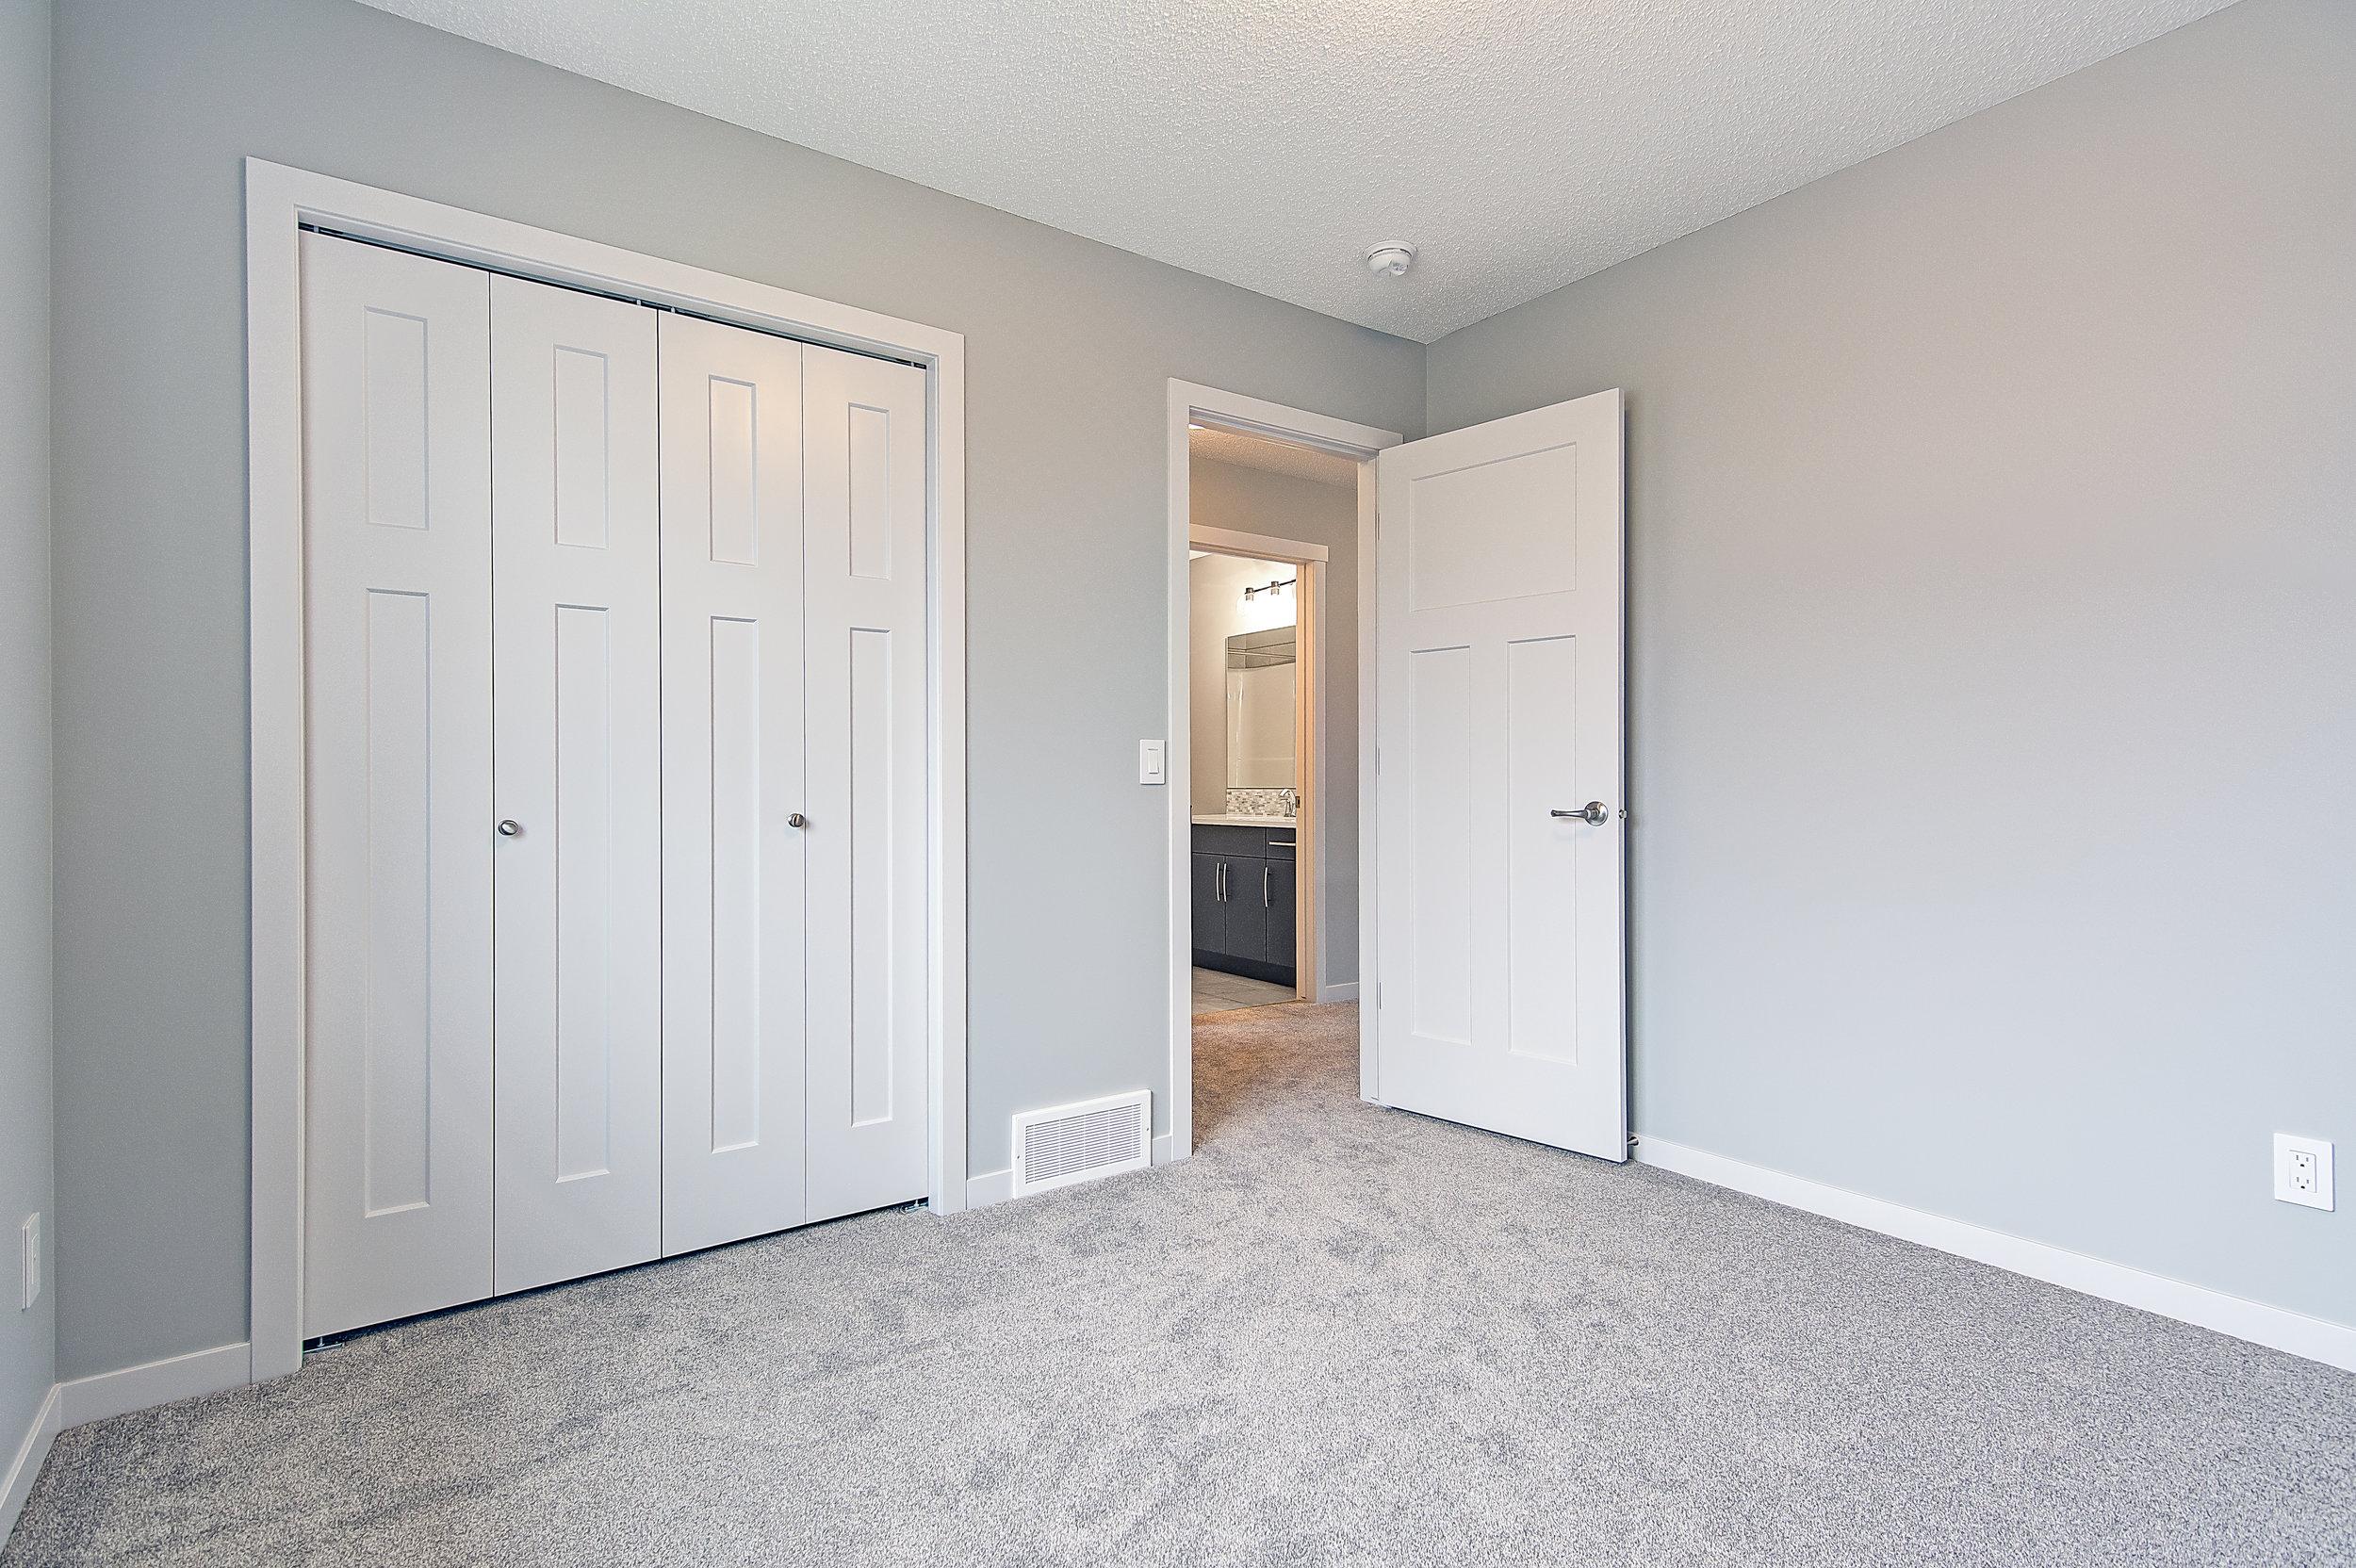 17-upper bedroom 2-2-.jpg